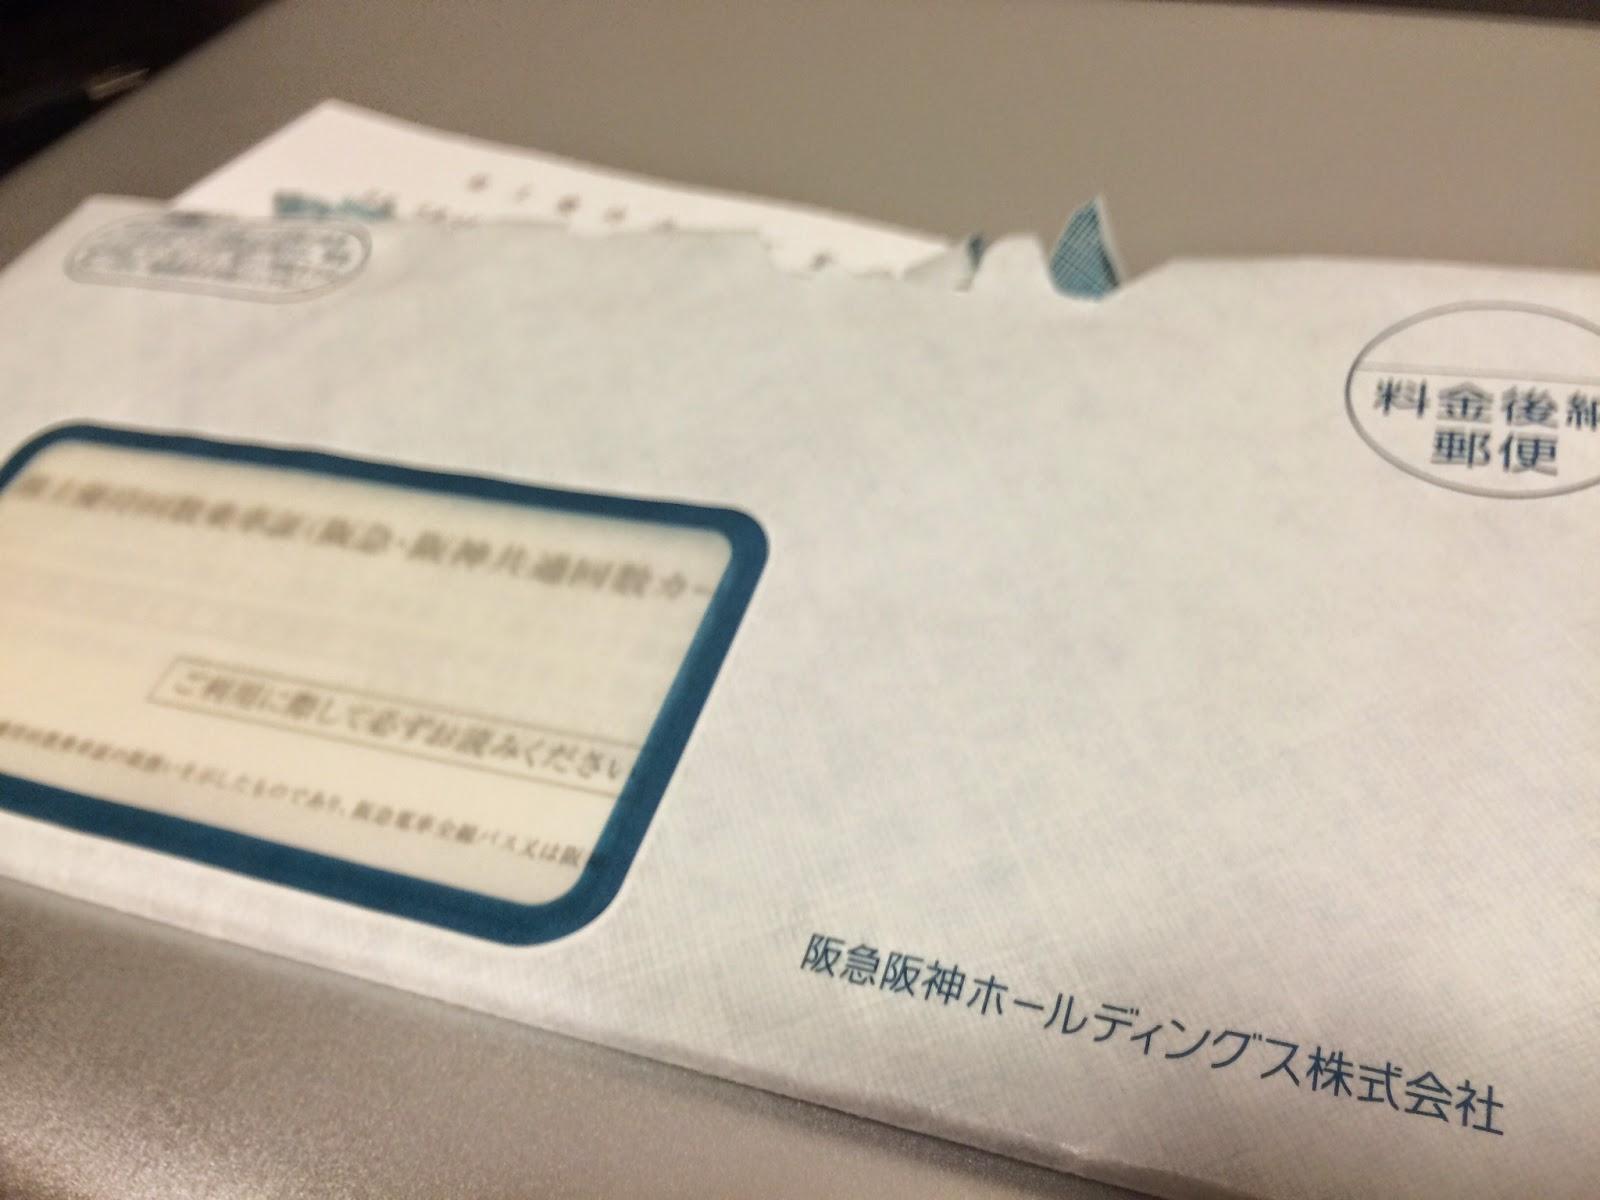 阪急阪神ホールディングスの株主優待